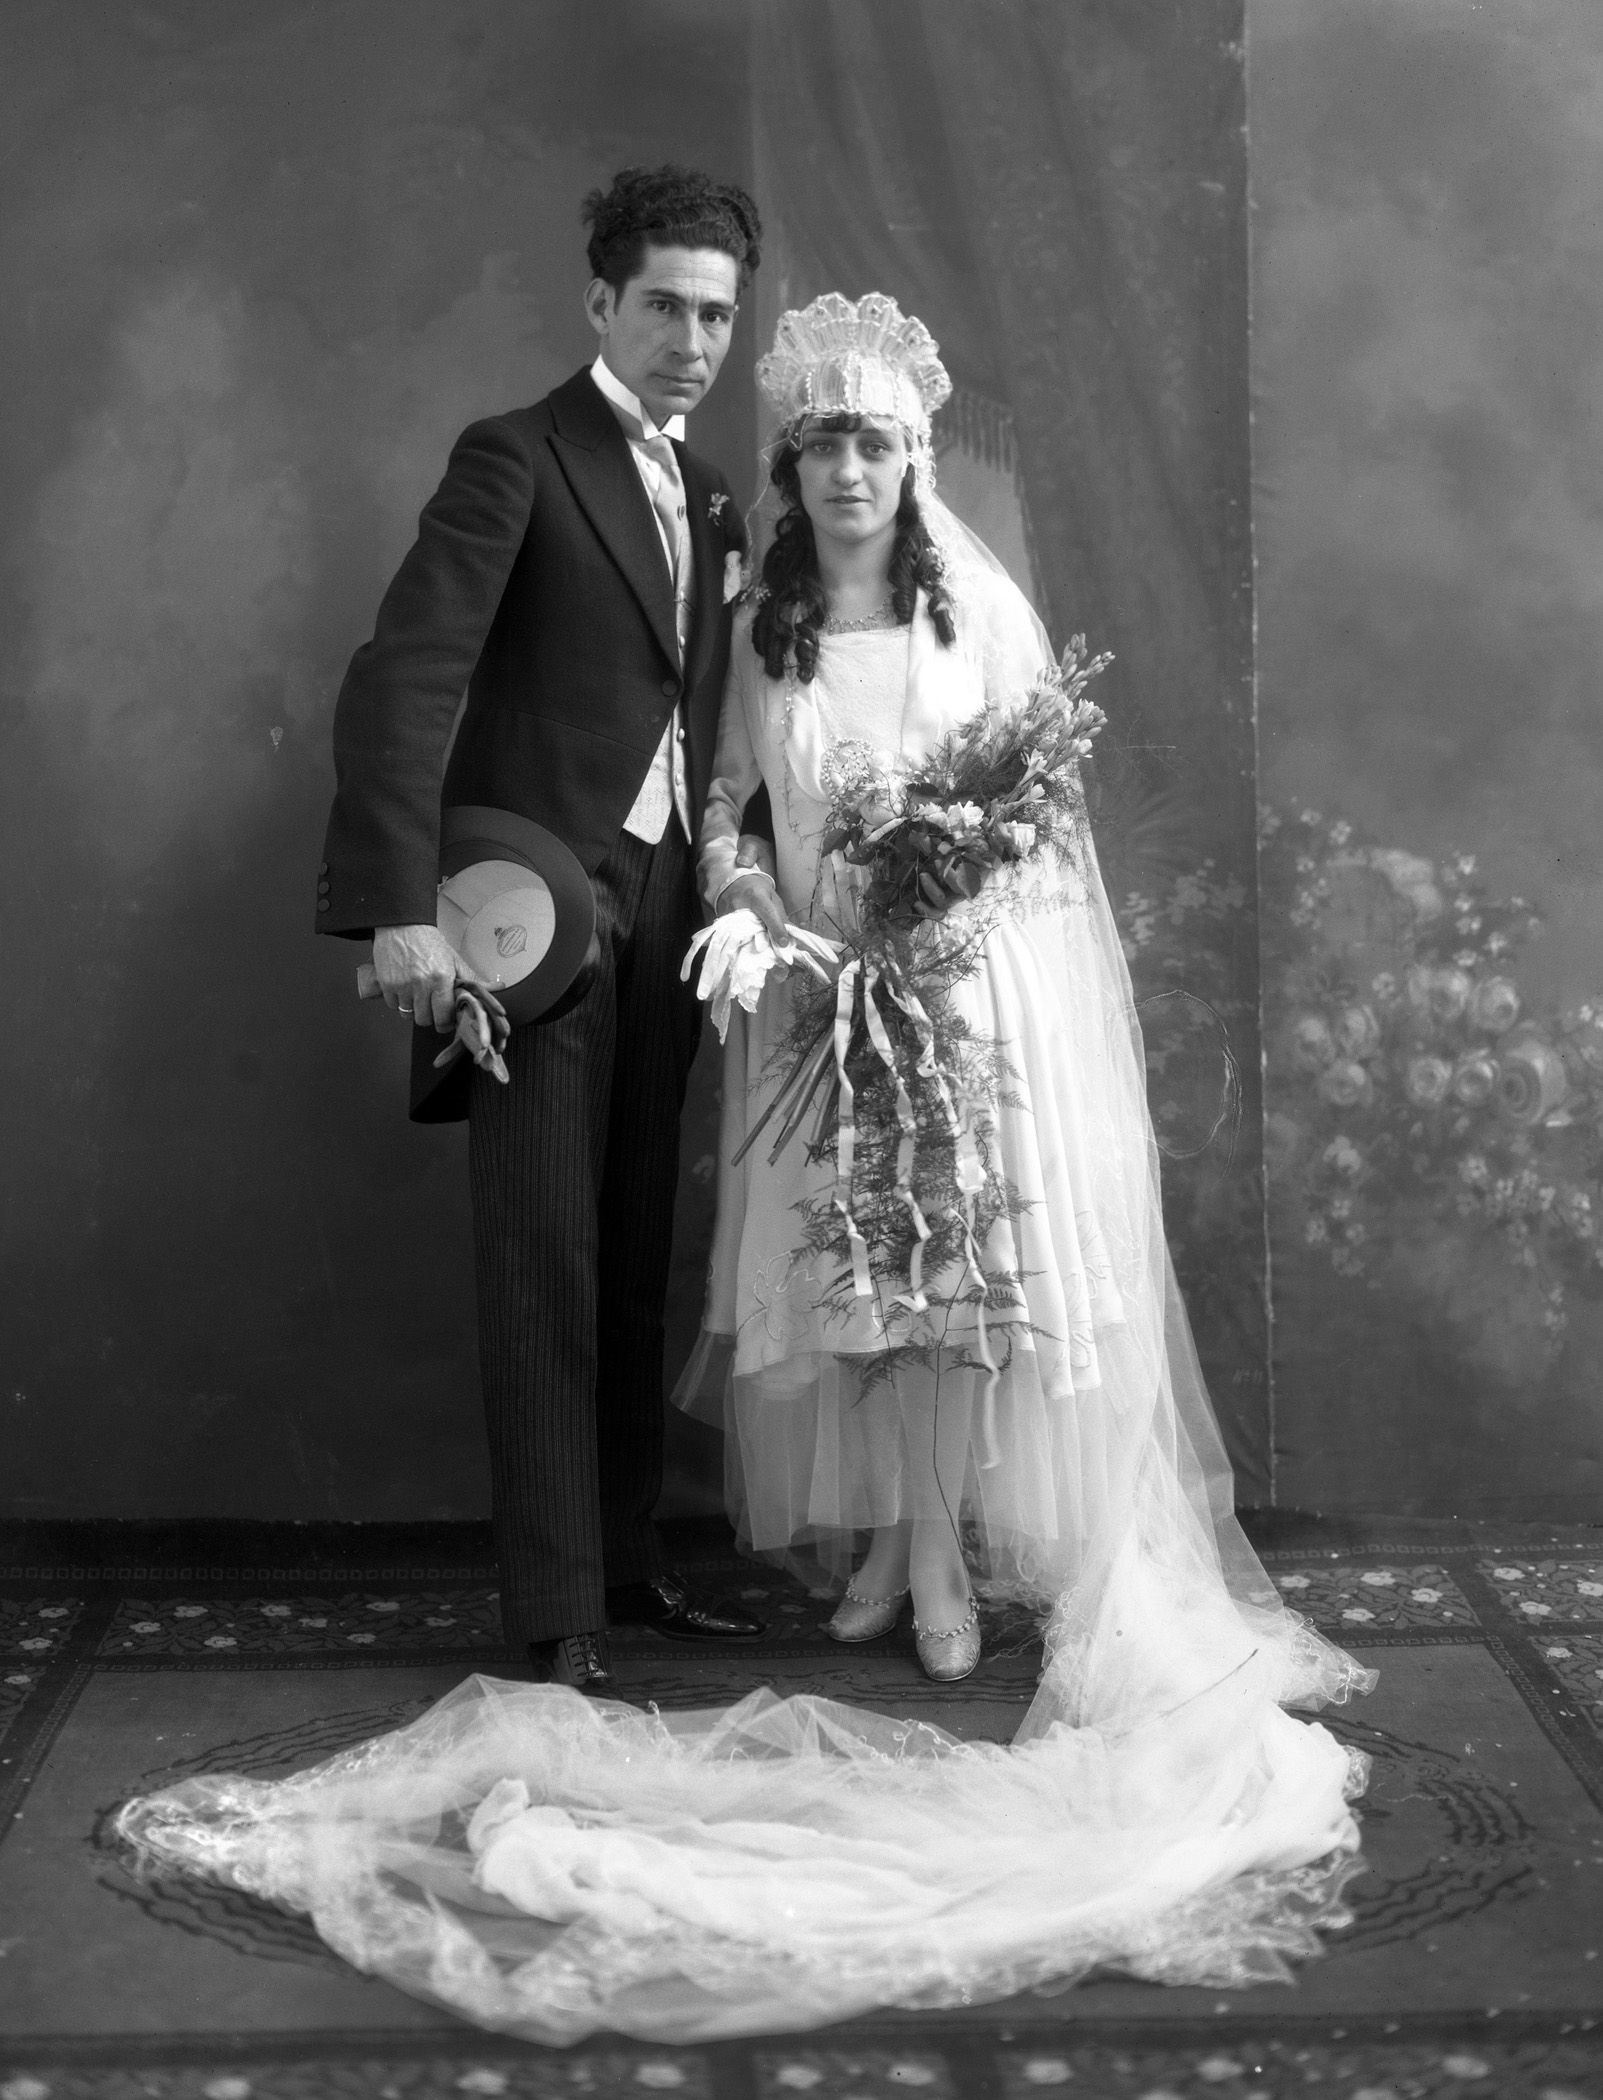 Juan Cachú, Retrato de bodas de Juan Cachú e Isabel Sampers Peña ...